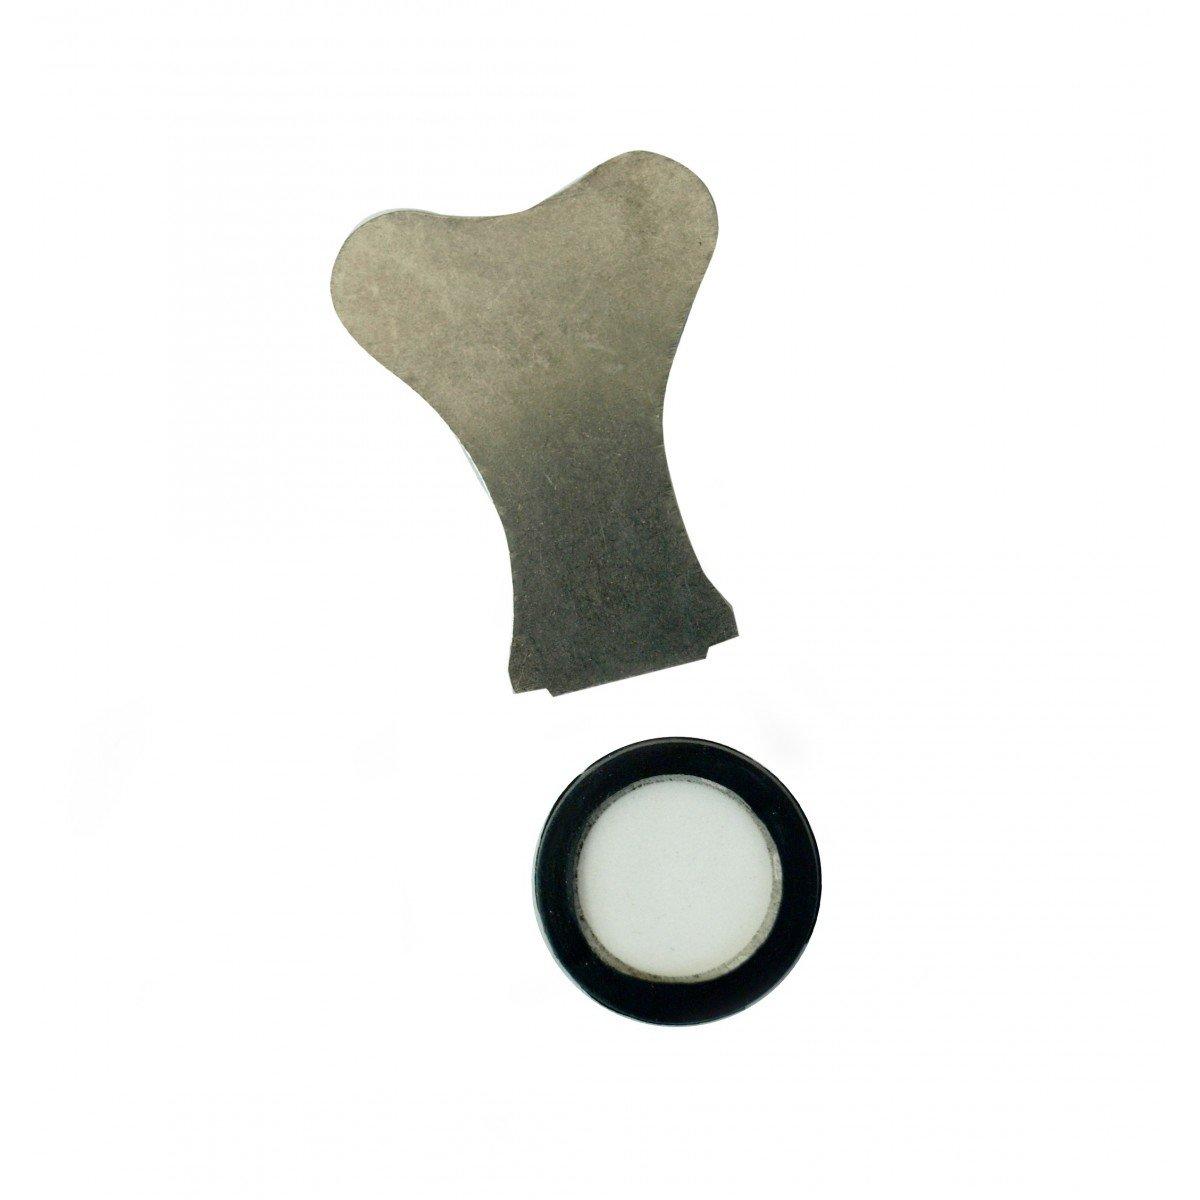 Membrana de cerámica para Humidificador Ultrasónico (20mm) ECO